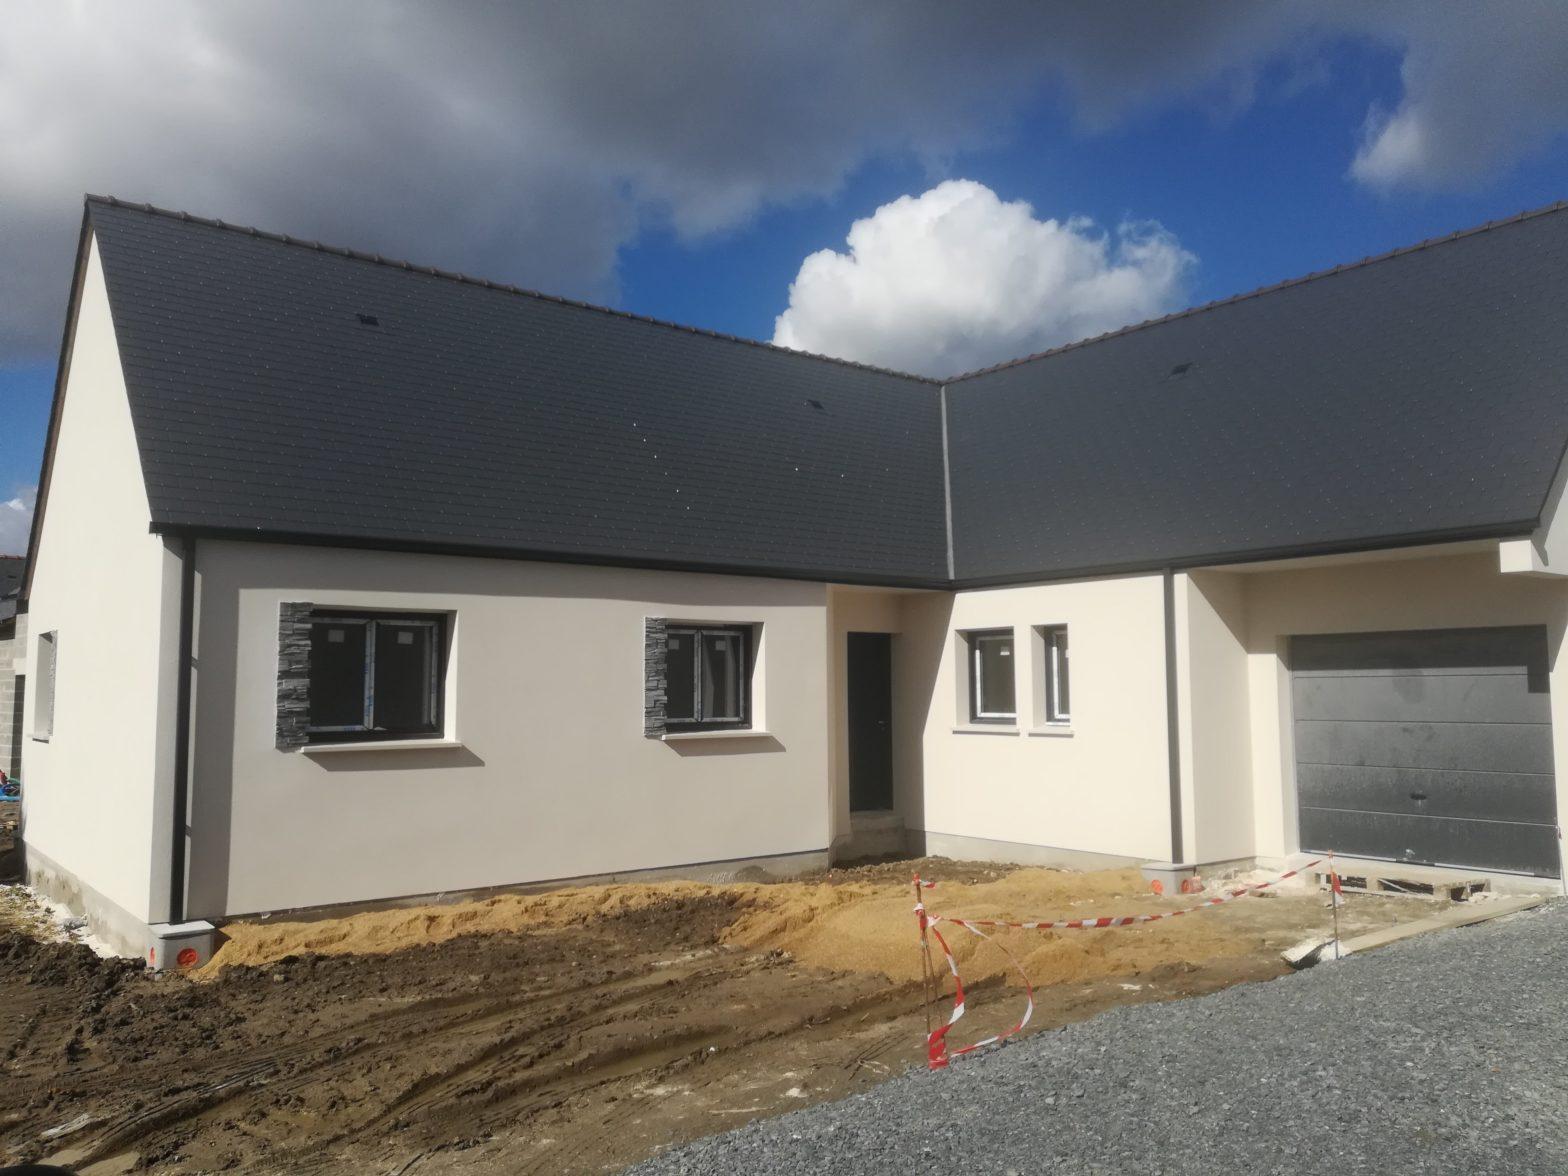 maison de plain-pied avec une toiture ardoise verriere en anjou-saint-sylvain-d'anjou-49112